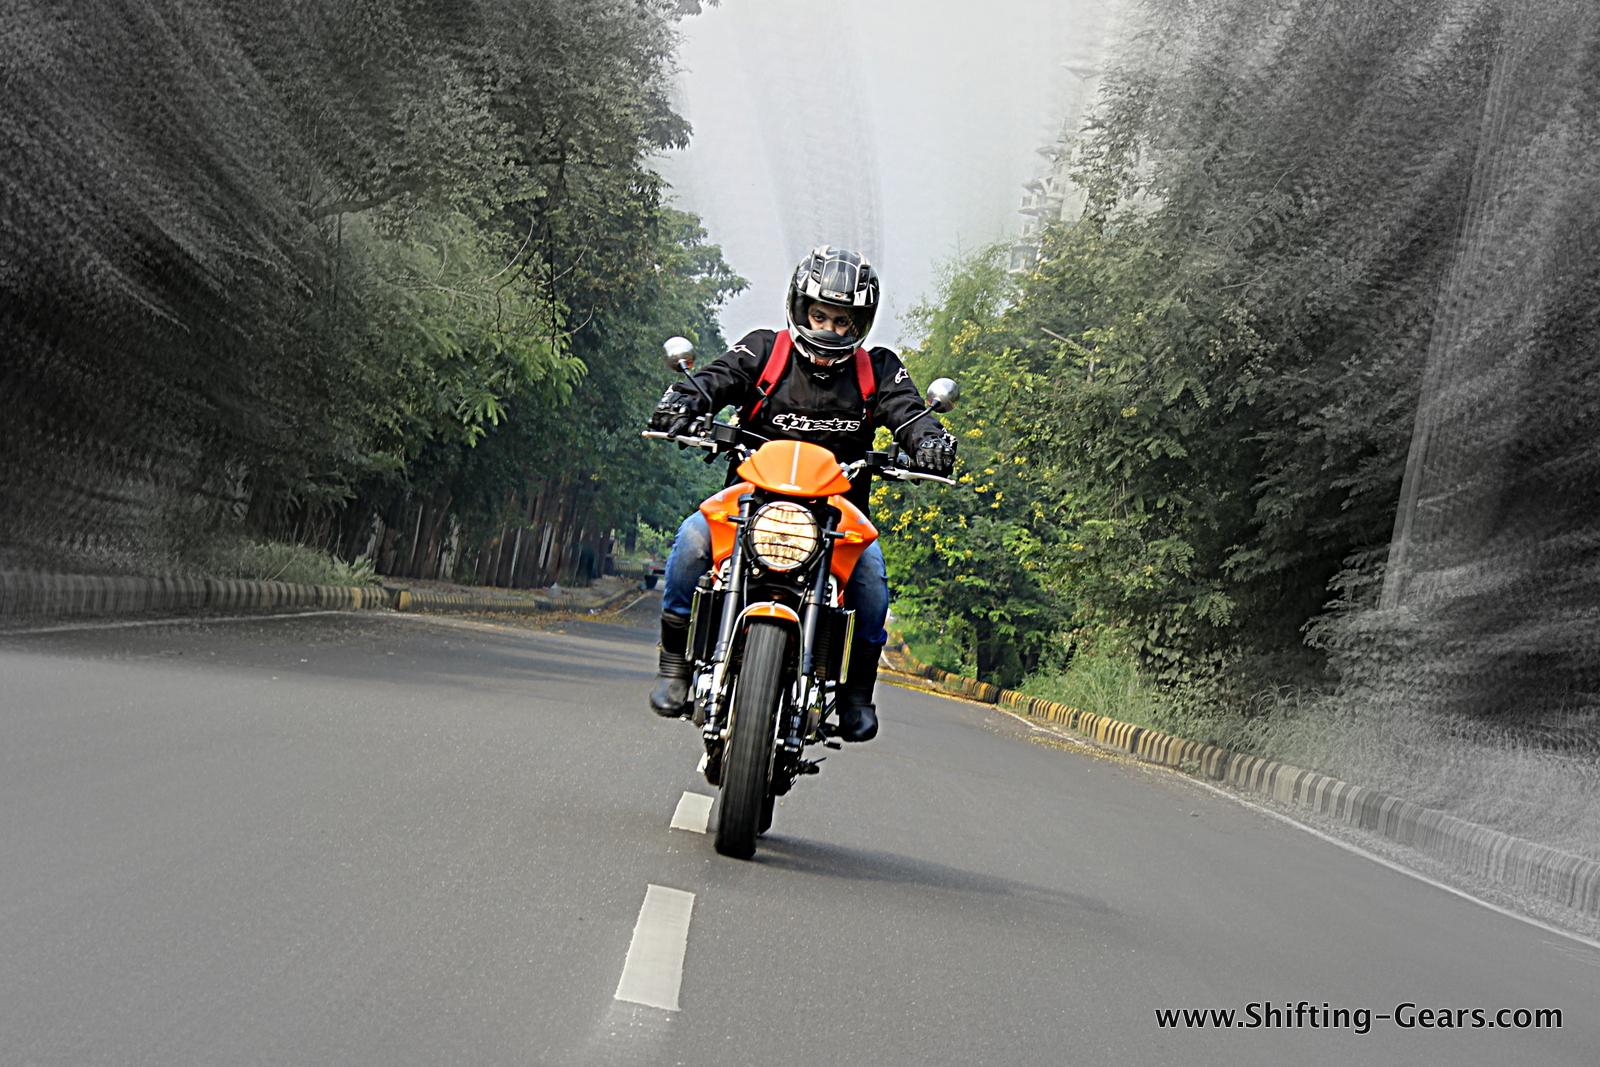 Moto Morini Scrambler: Ride Report